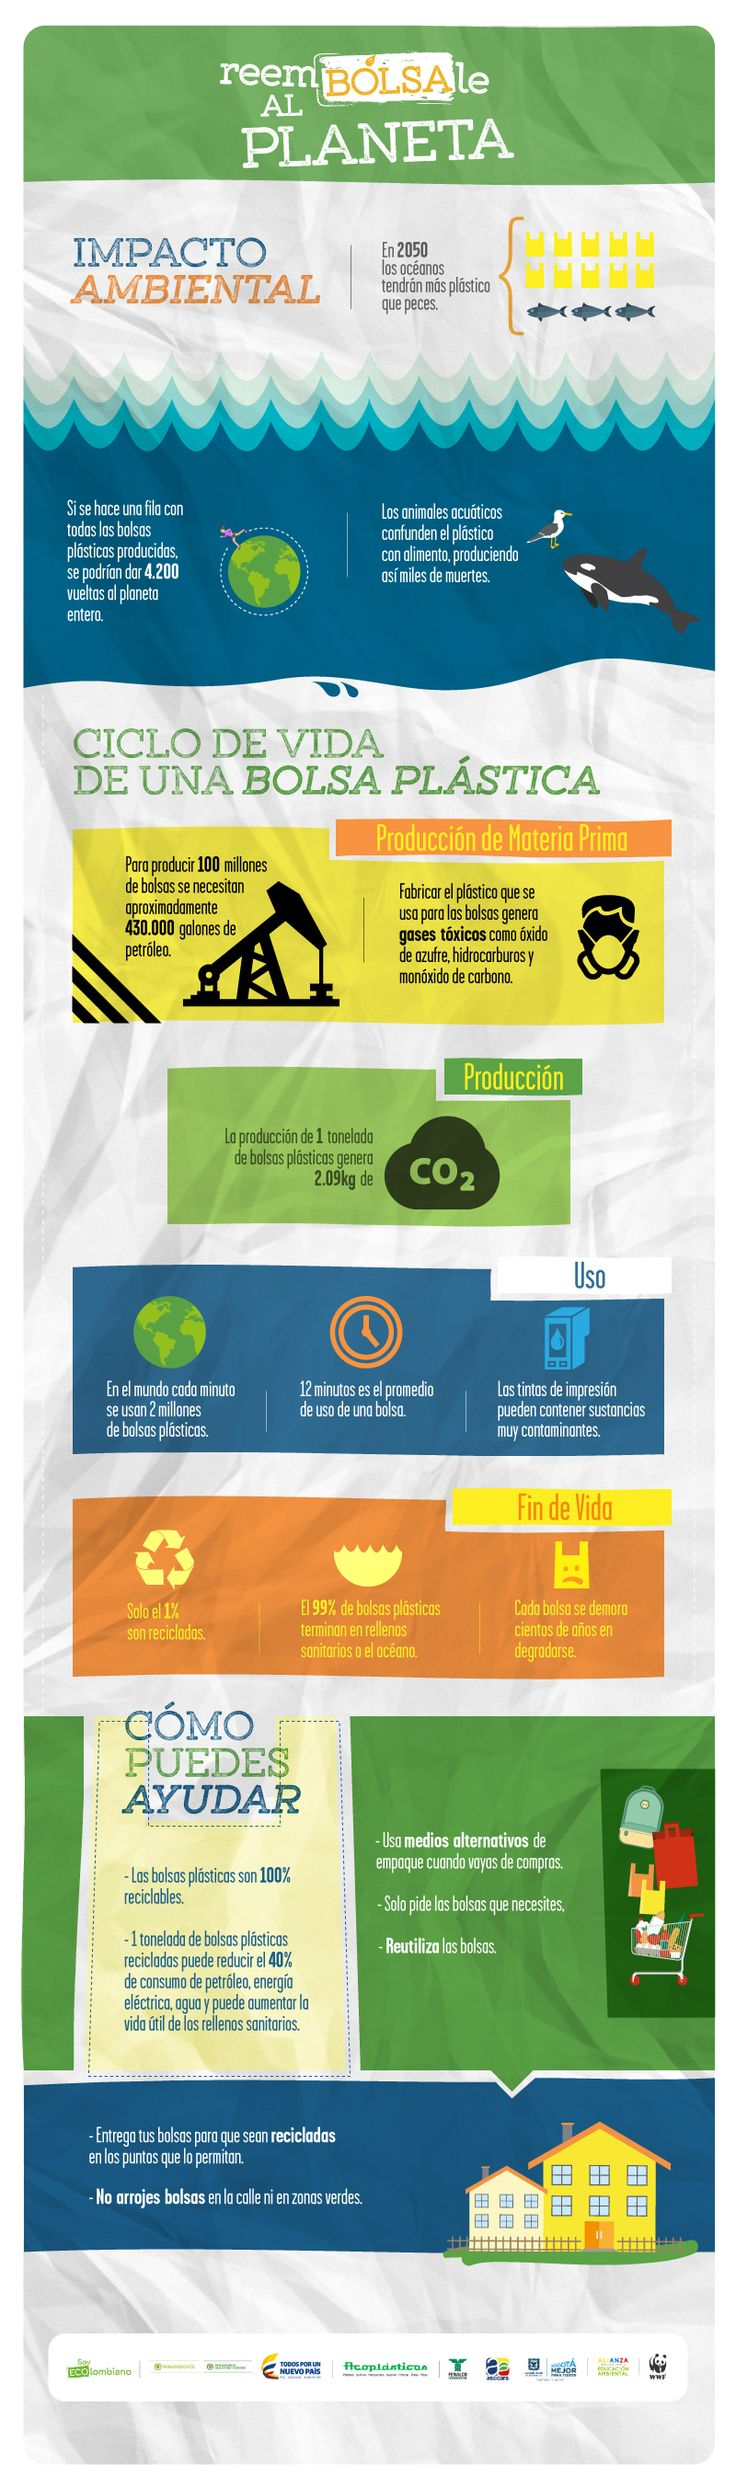 Ciclo de vida de una bolsa plastica | 3R | Pinterest ...